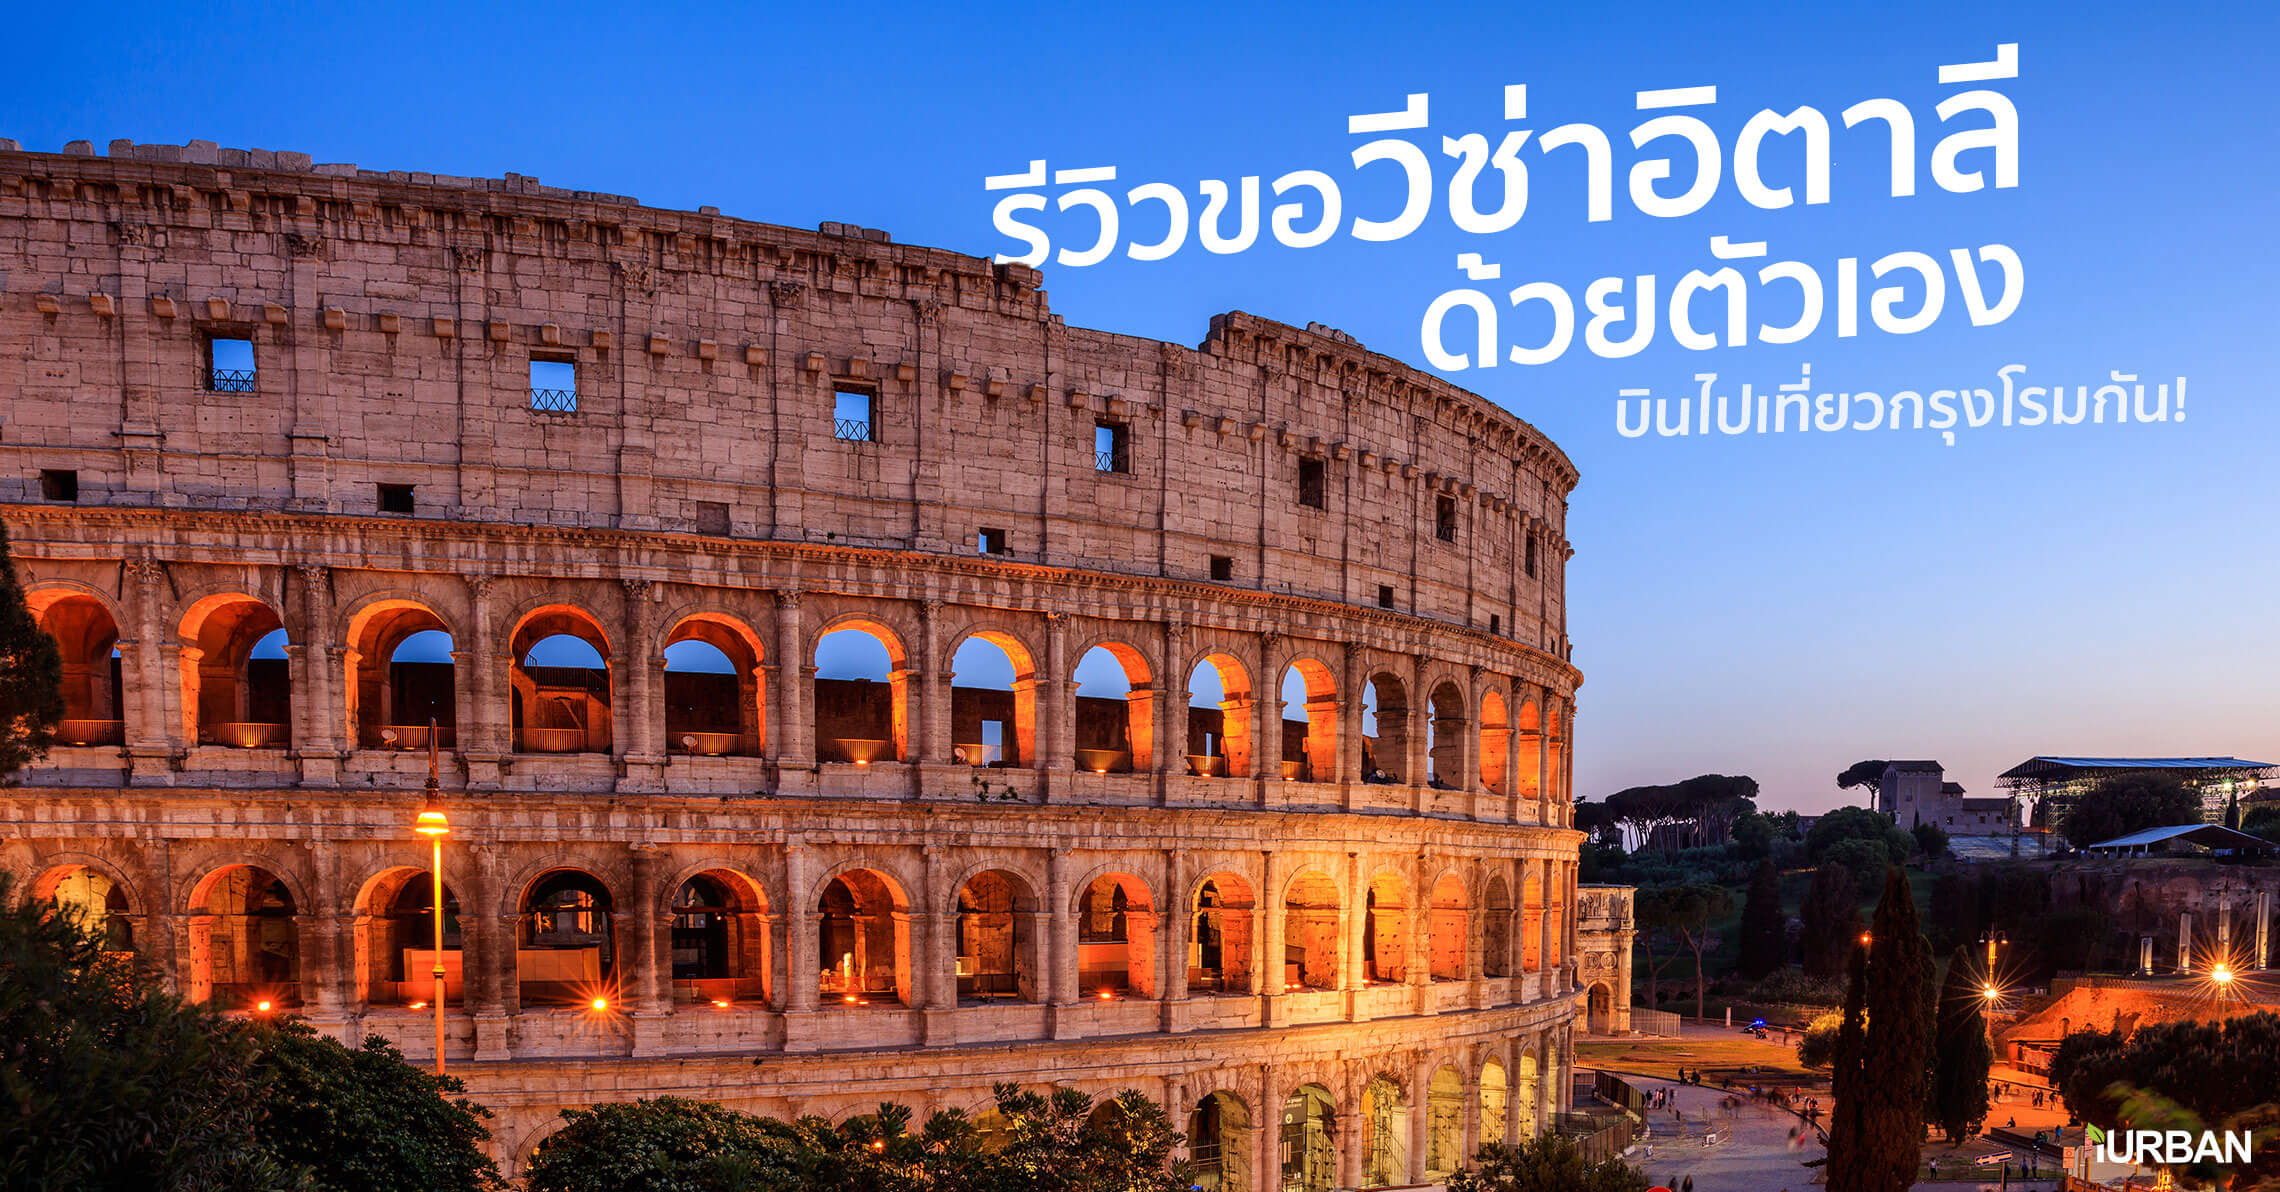 รีวิวขั้นตอนการทำ Visa Italy 2019 ด้วยตัวเอง วีซ่าท่องเที่ยว เชงเก้น 2 - Italy